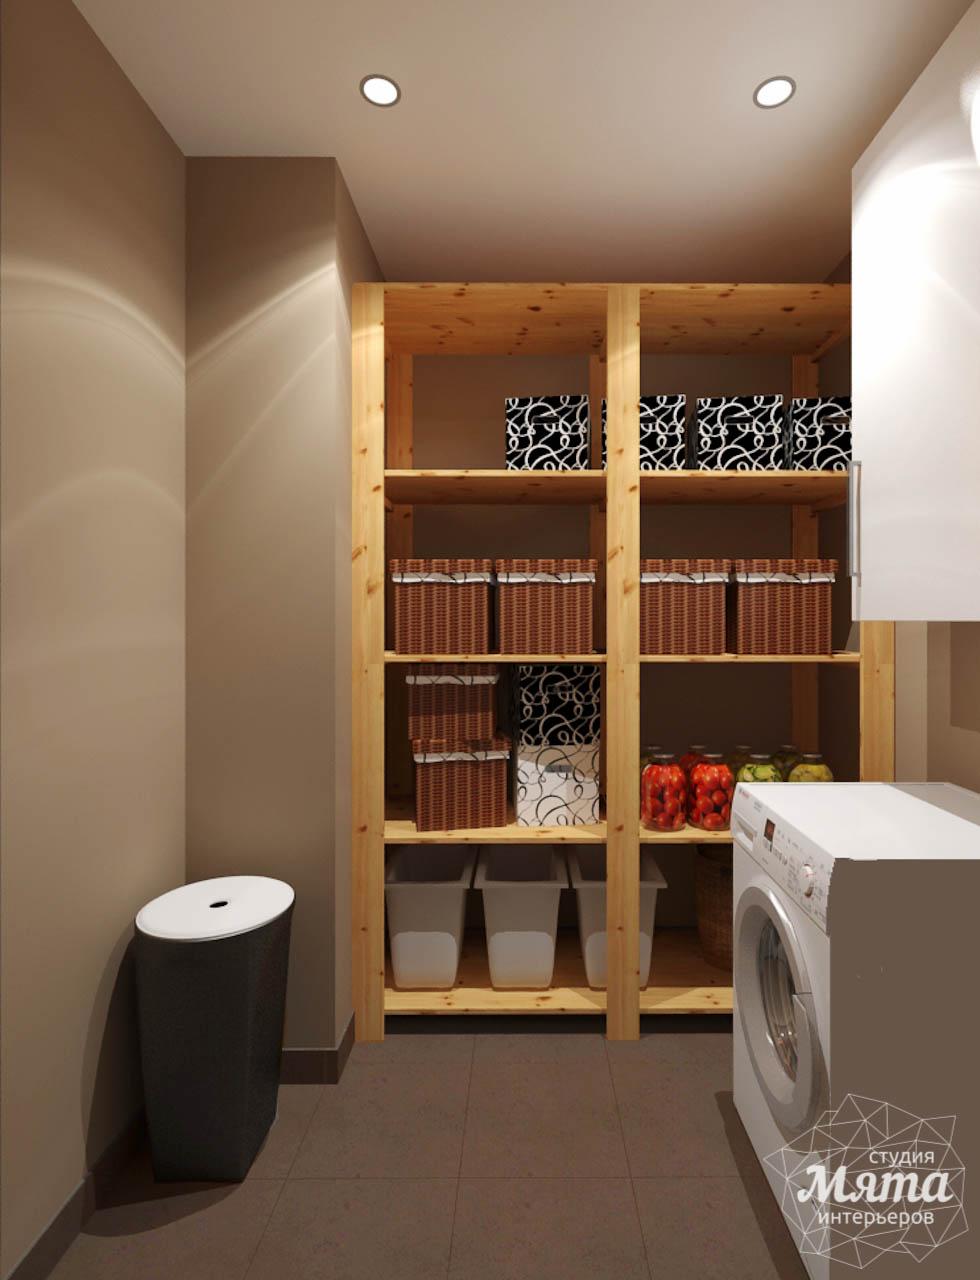 Дизайн интерьера двухкомнатной квартиры по ул. Машинная 40 img105306643